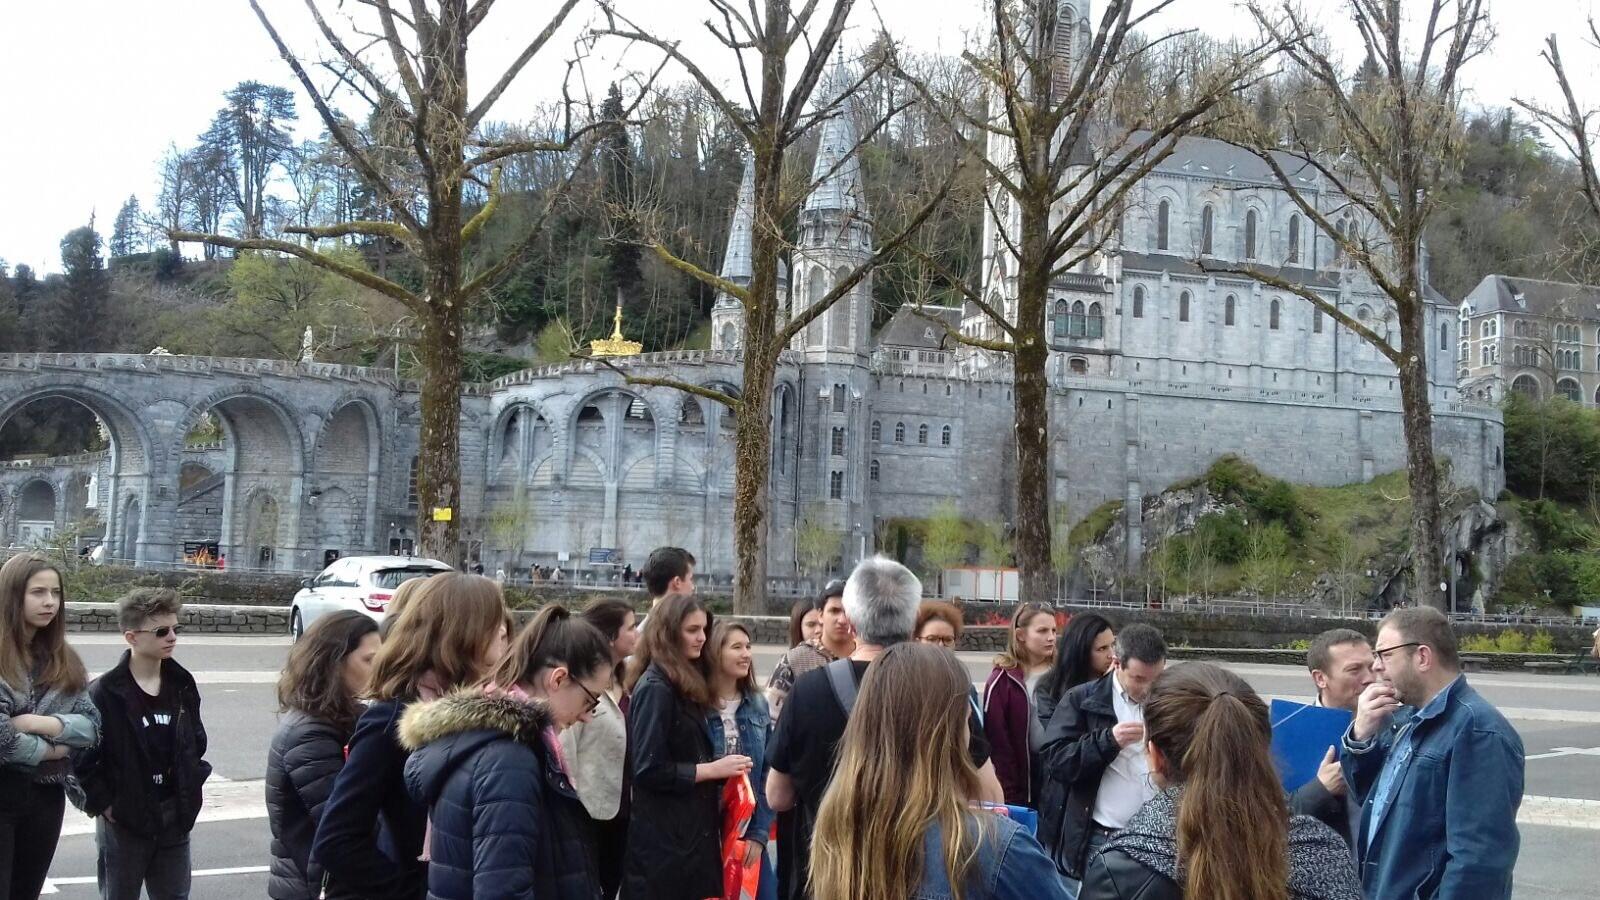 Lourdes2017 (16)